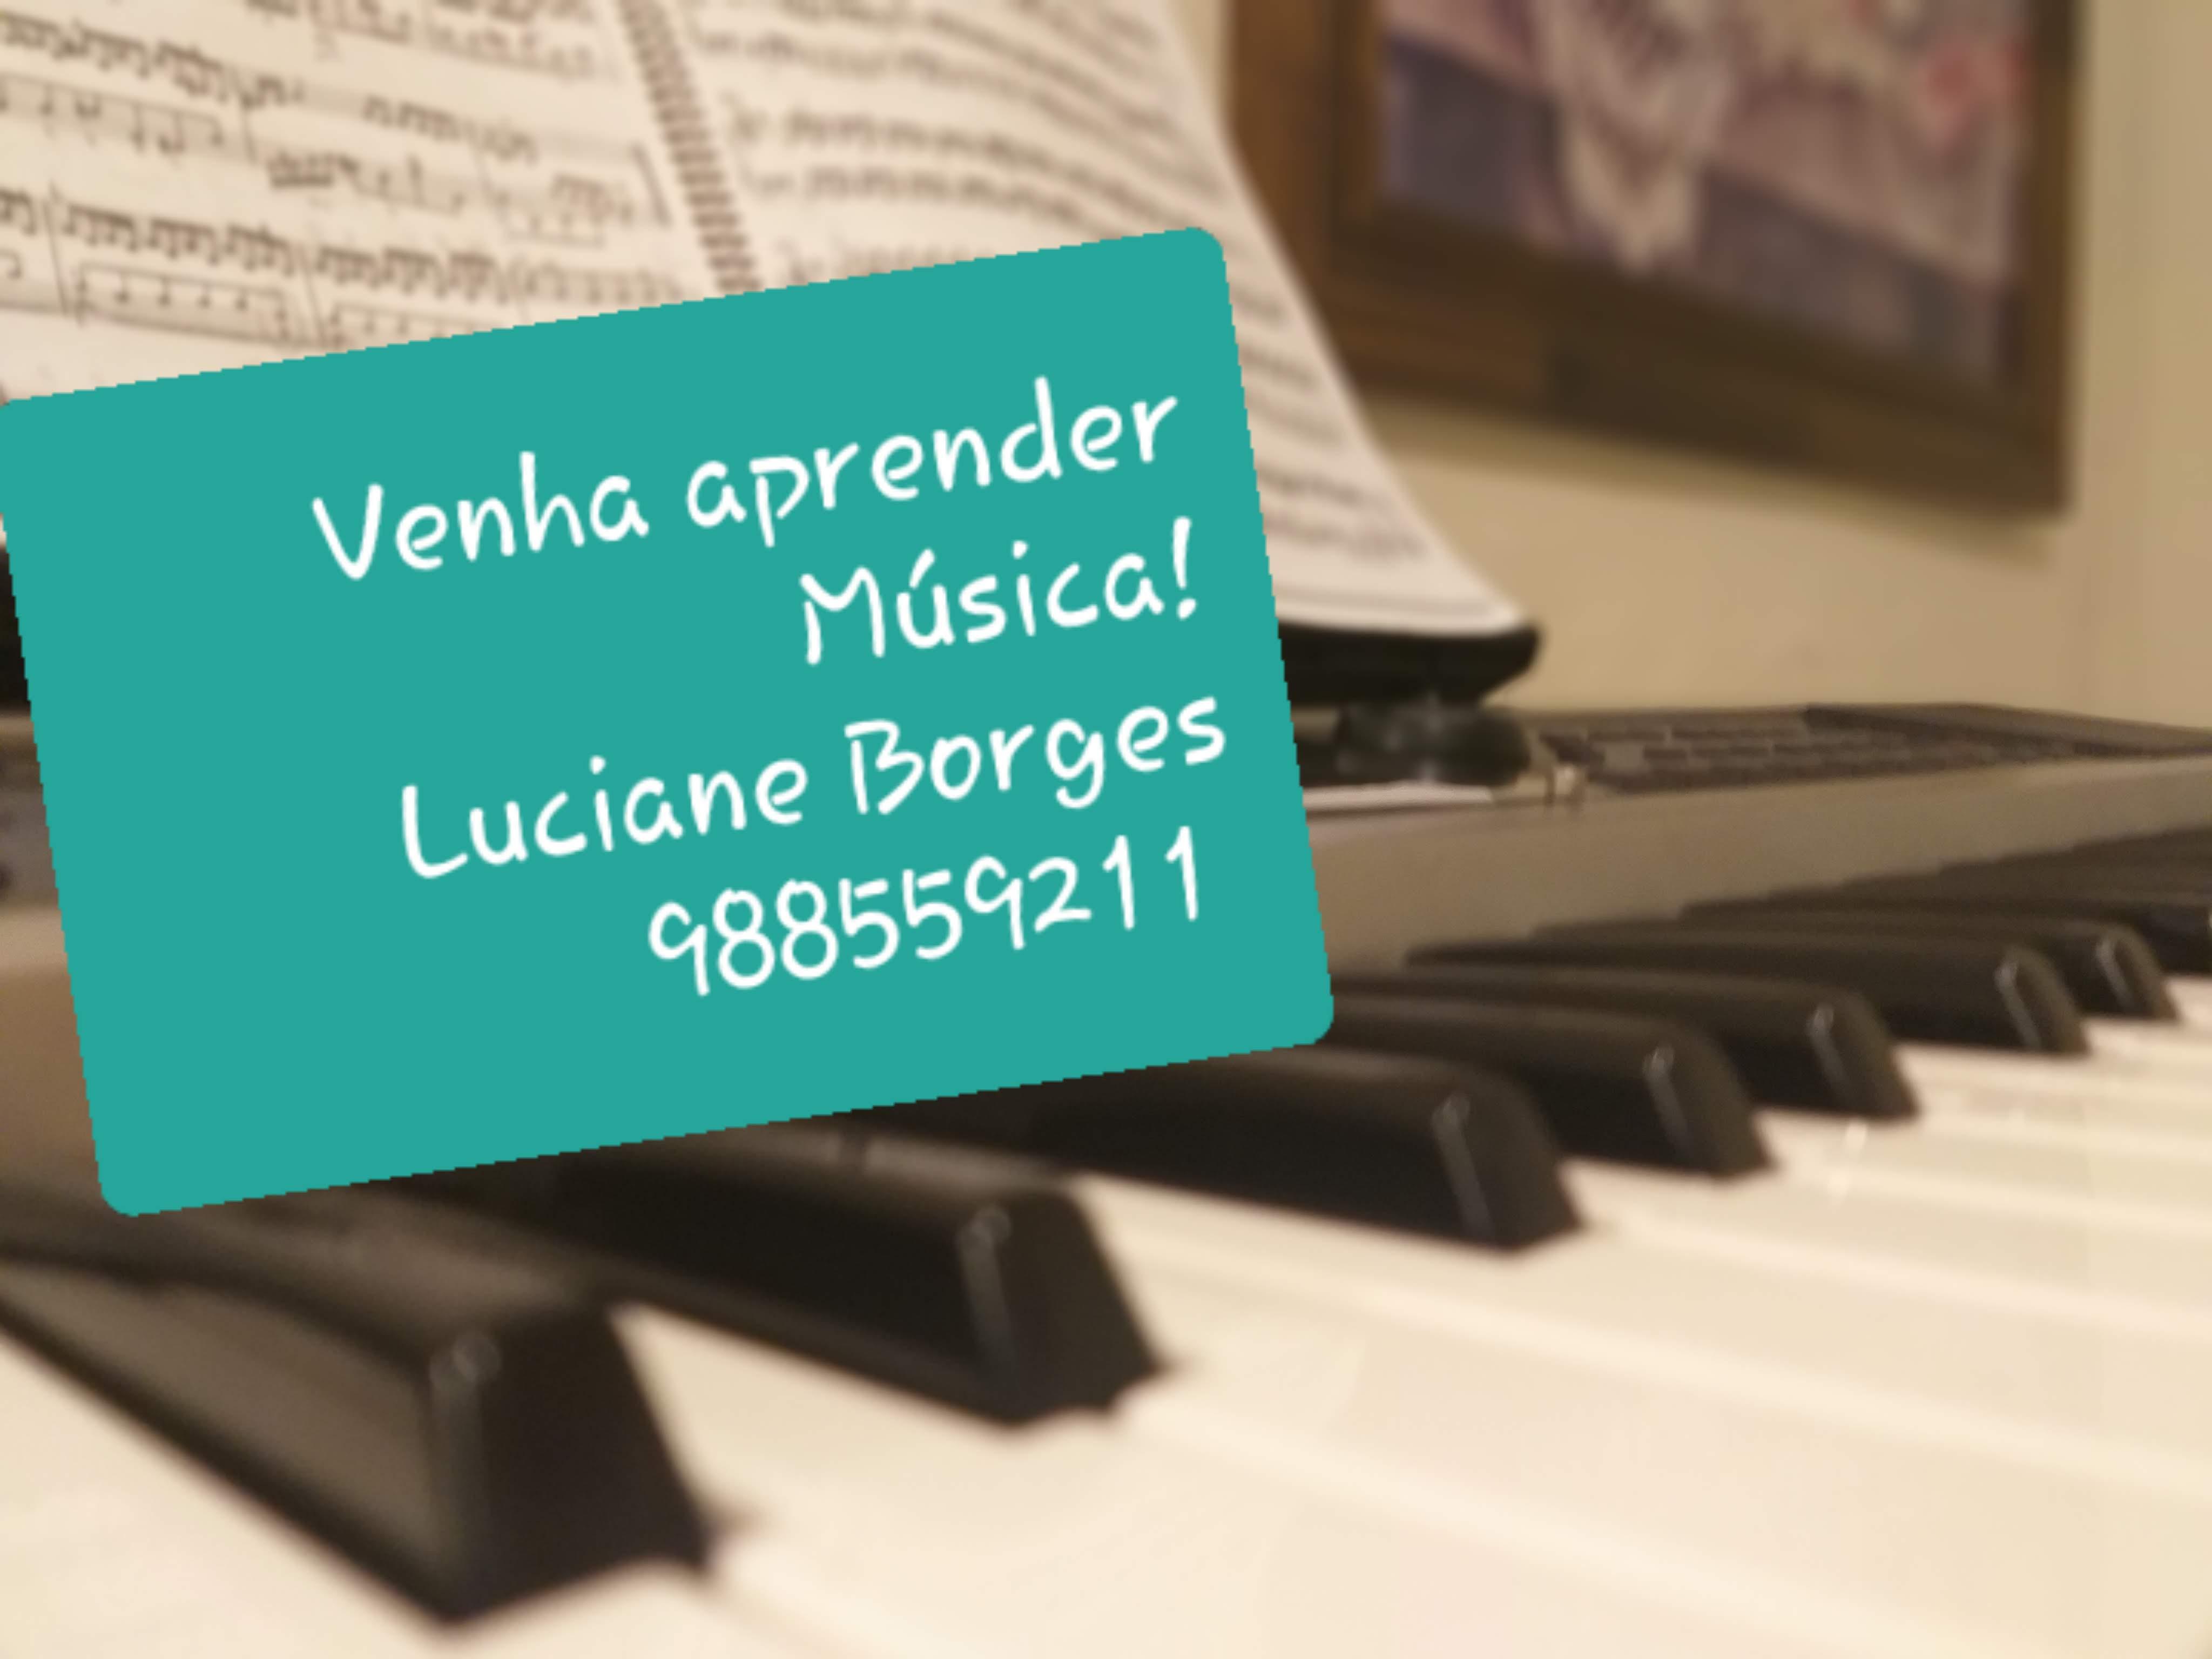 Telefone escola de musica aulas de teclado on-line 32988559211 professora de teclado para aula online